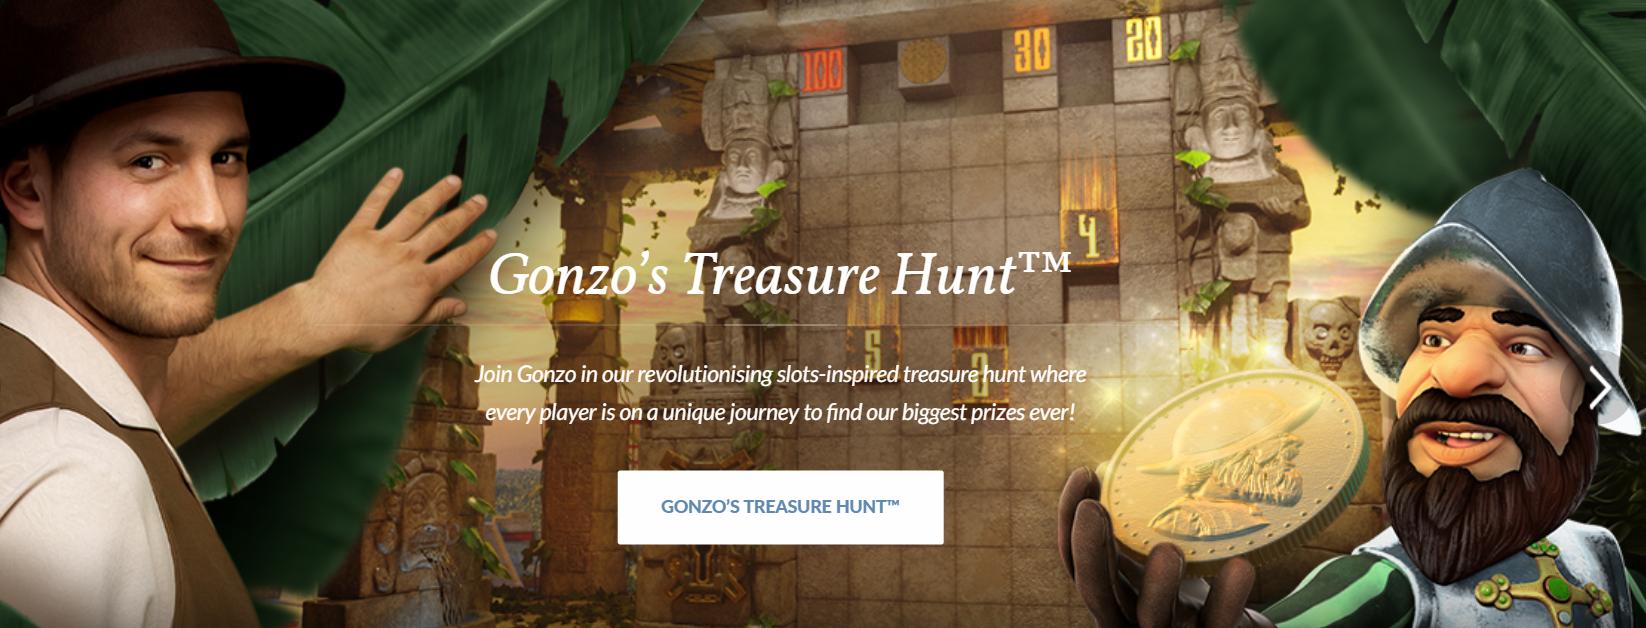 Live Slot Games Gonzo